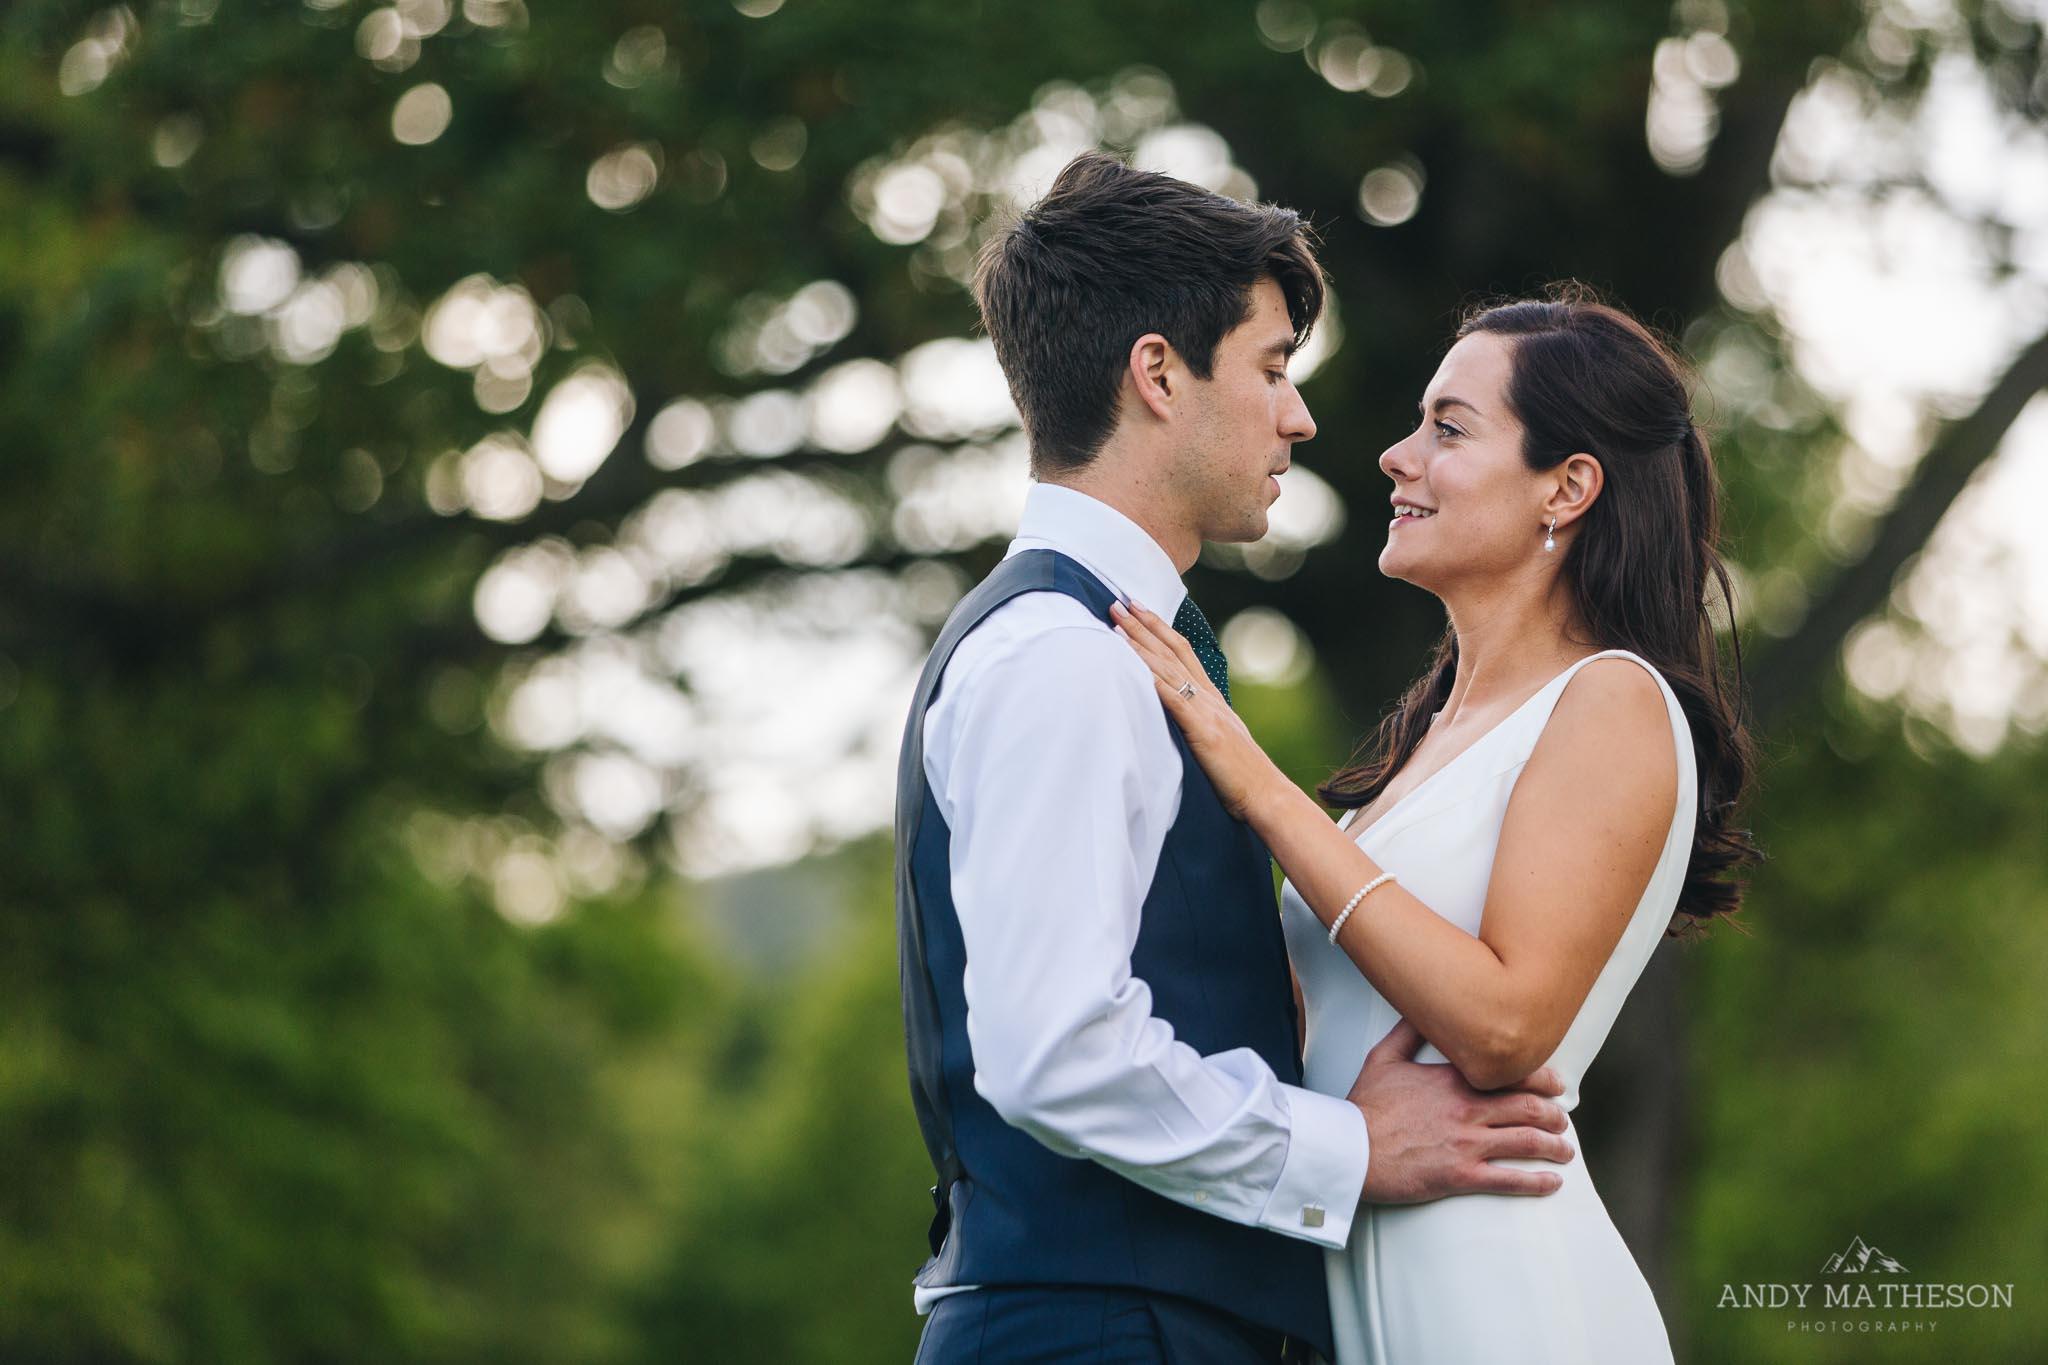 Tithe Barn Bolton Abbey Wedding Photographer_Andy Matheson_073.jpg